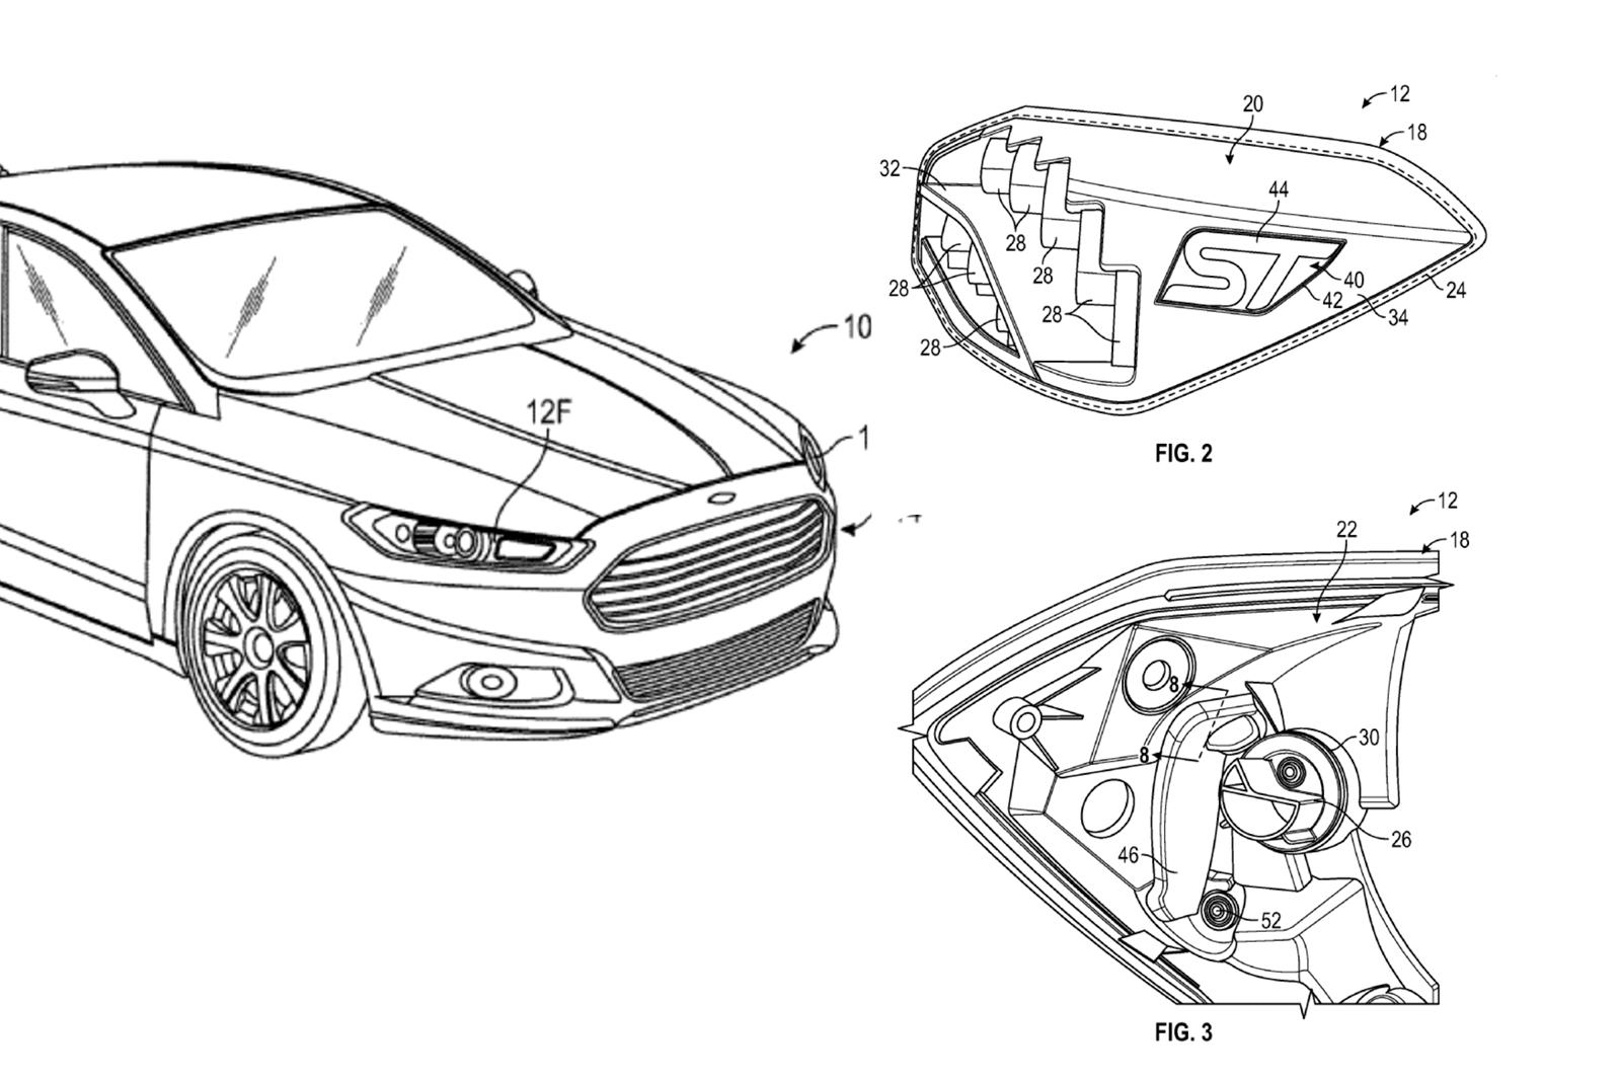 CP-Hệ thống đèn độc đáo của Ford10.jpg